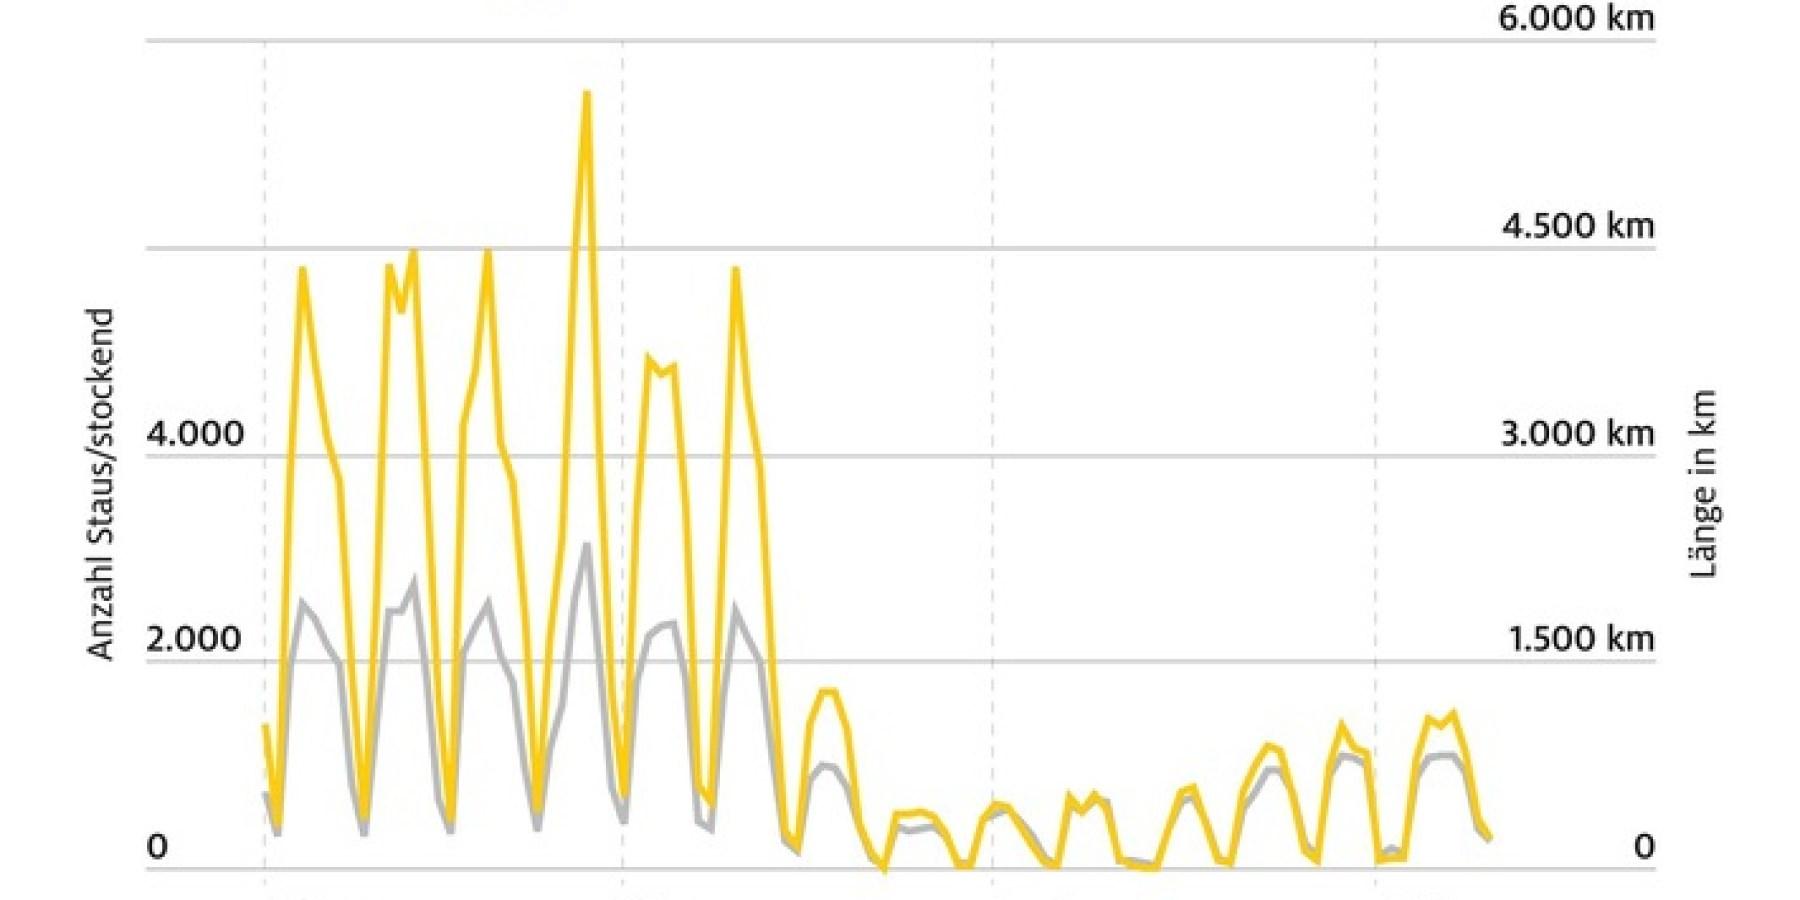 Wieder mehr Staus seit den Corona-Lockerungen – Zahl der Staus am Wochenende doppelt so hoch